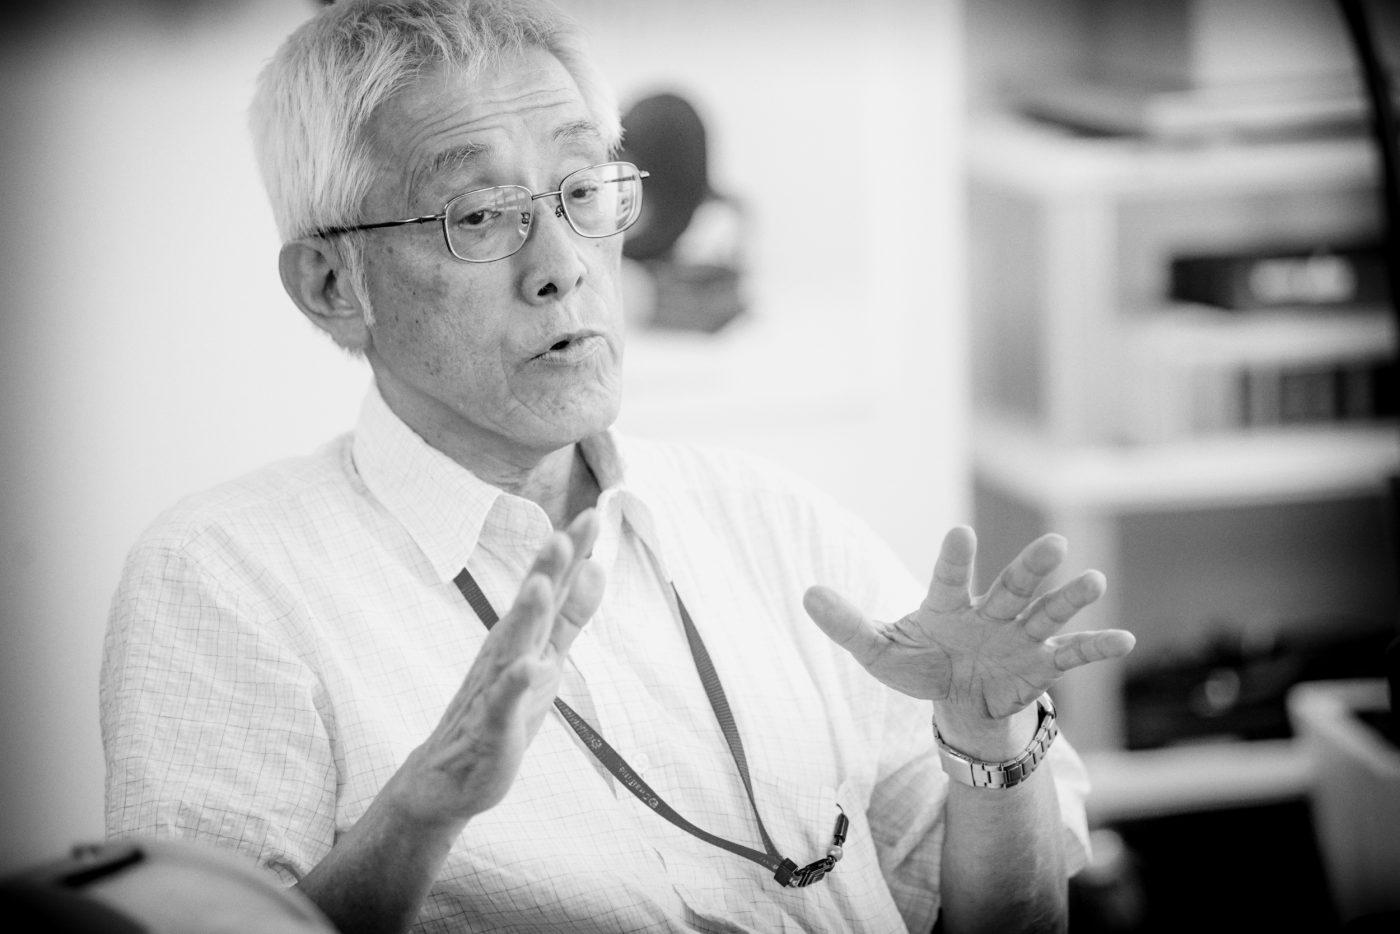 【インタビュー】特許300件の音響技術者が挑む新しい音の市場。サウンドファン宮原信弘、坂本良雄(前編)